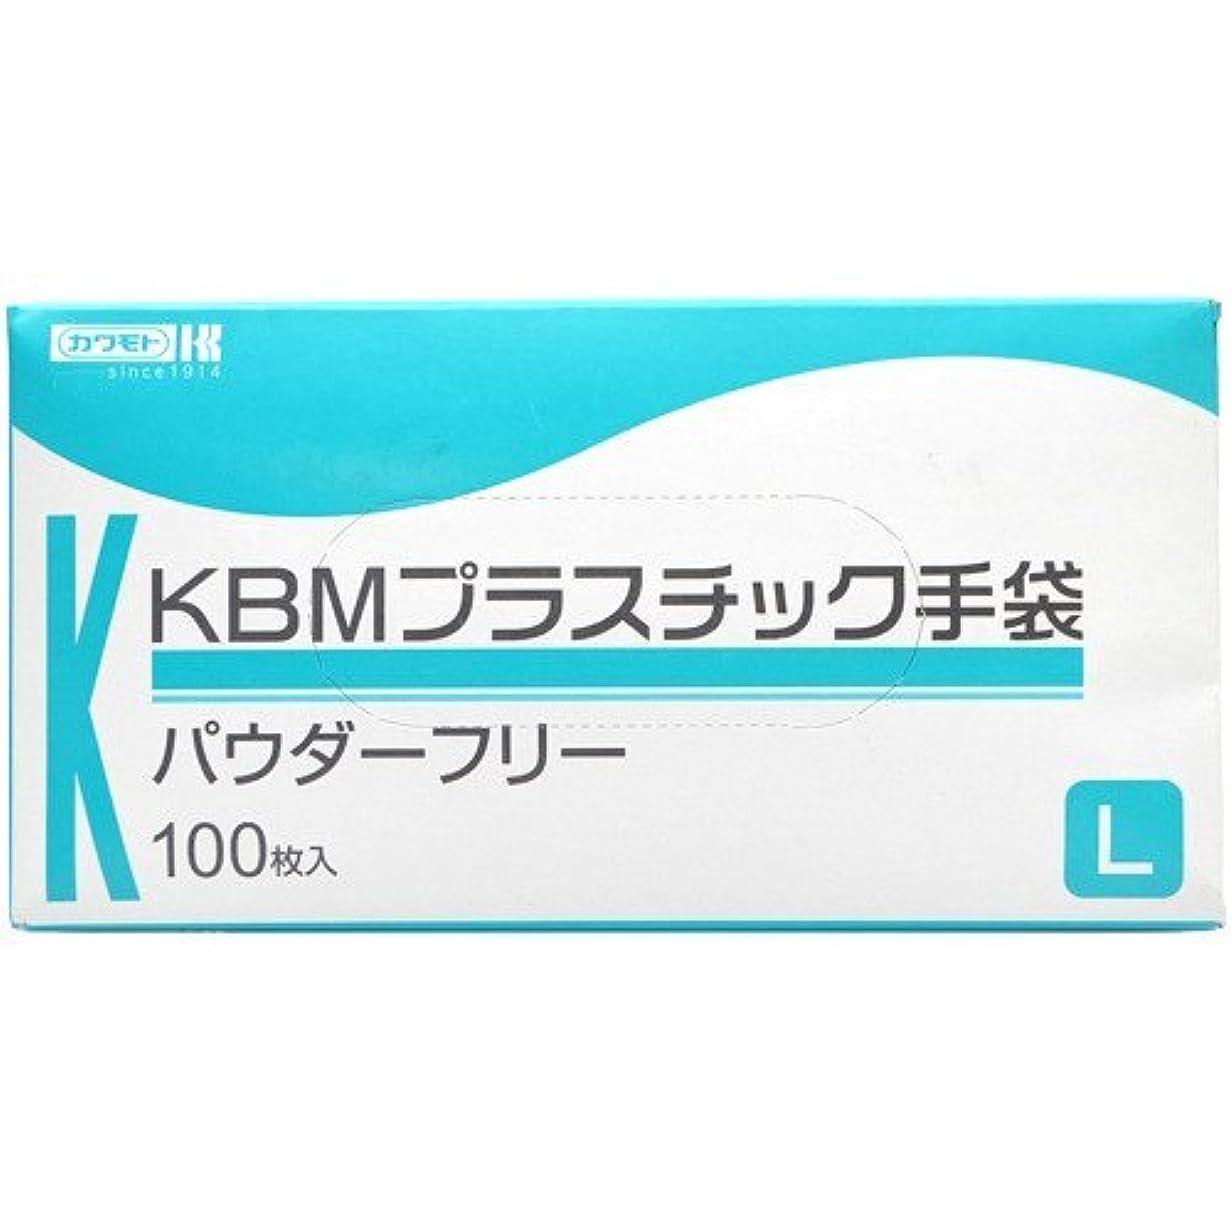 抜け目がない入場料備品川本産業 KBMプラスチック手袋 パウダーフリー L 100枚入